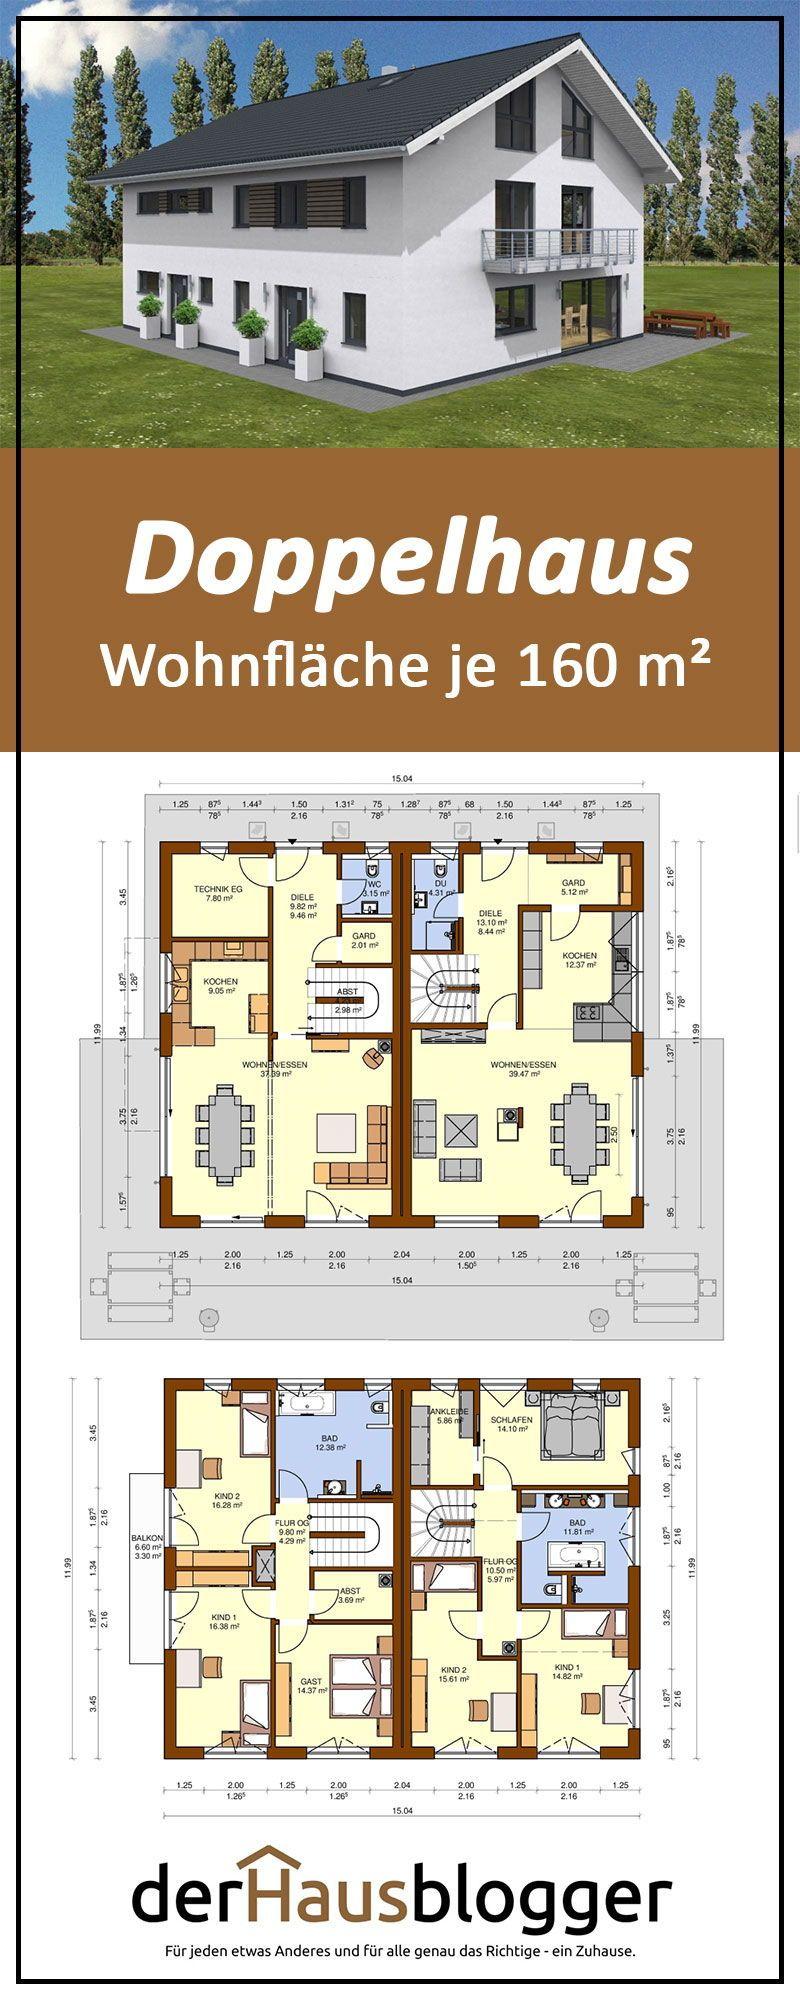 Doppelhaus Wohnflaeche 160 M2 In 2019 Häuser Mit Satteldach